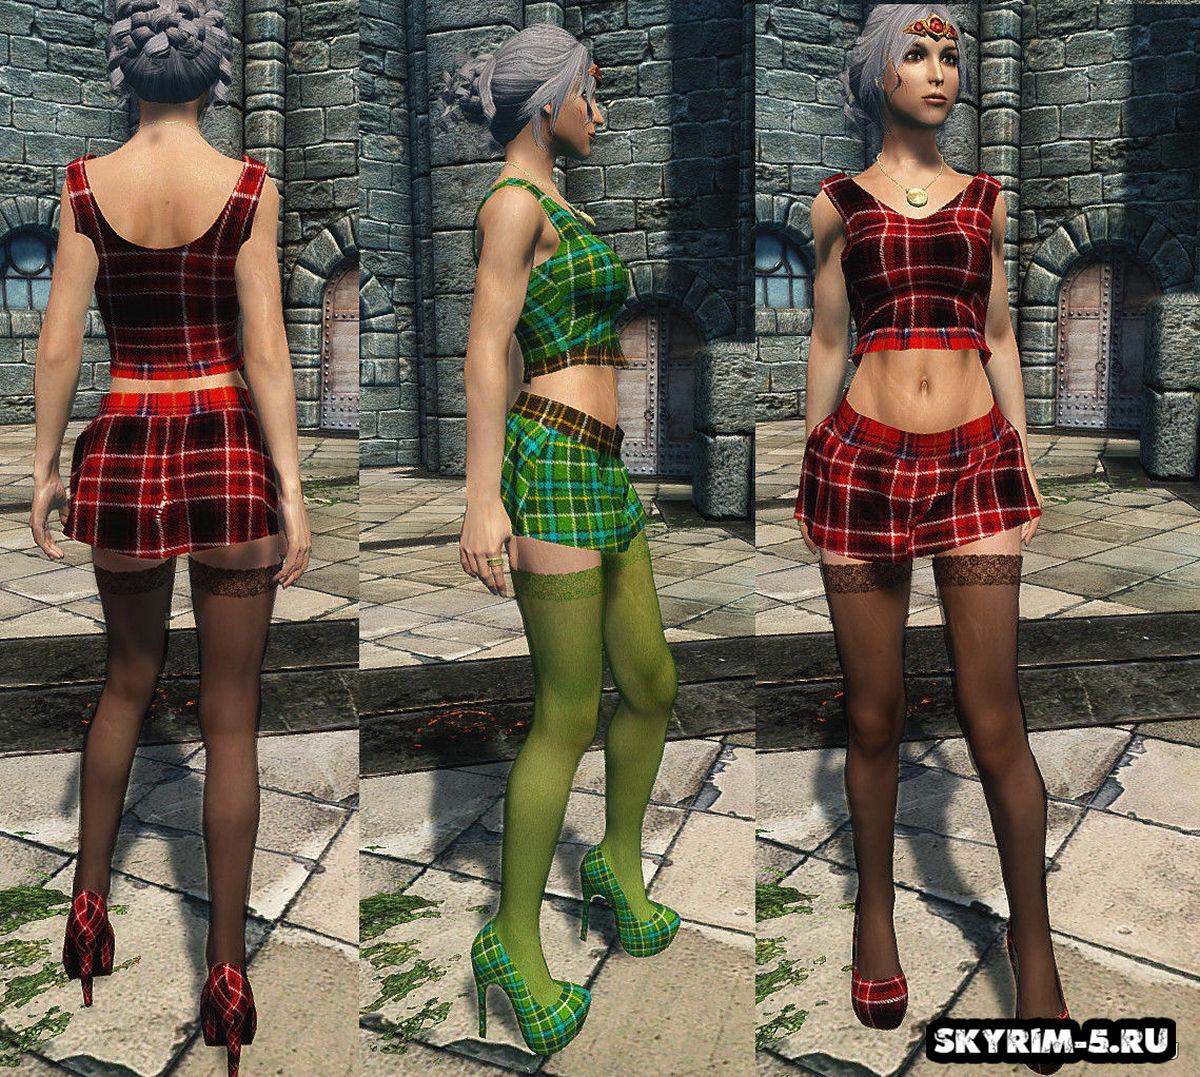 Необычное женское одеяние и каблуки - UNP -